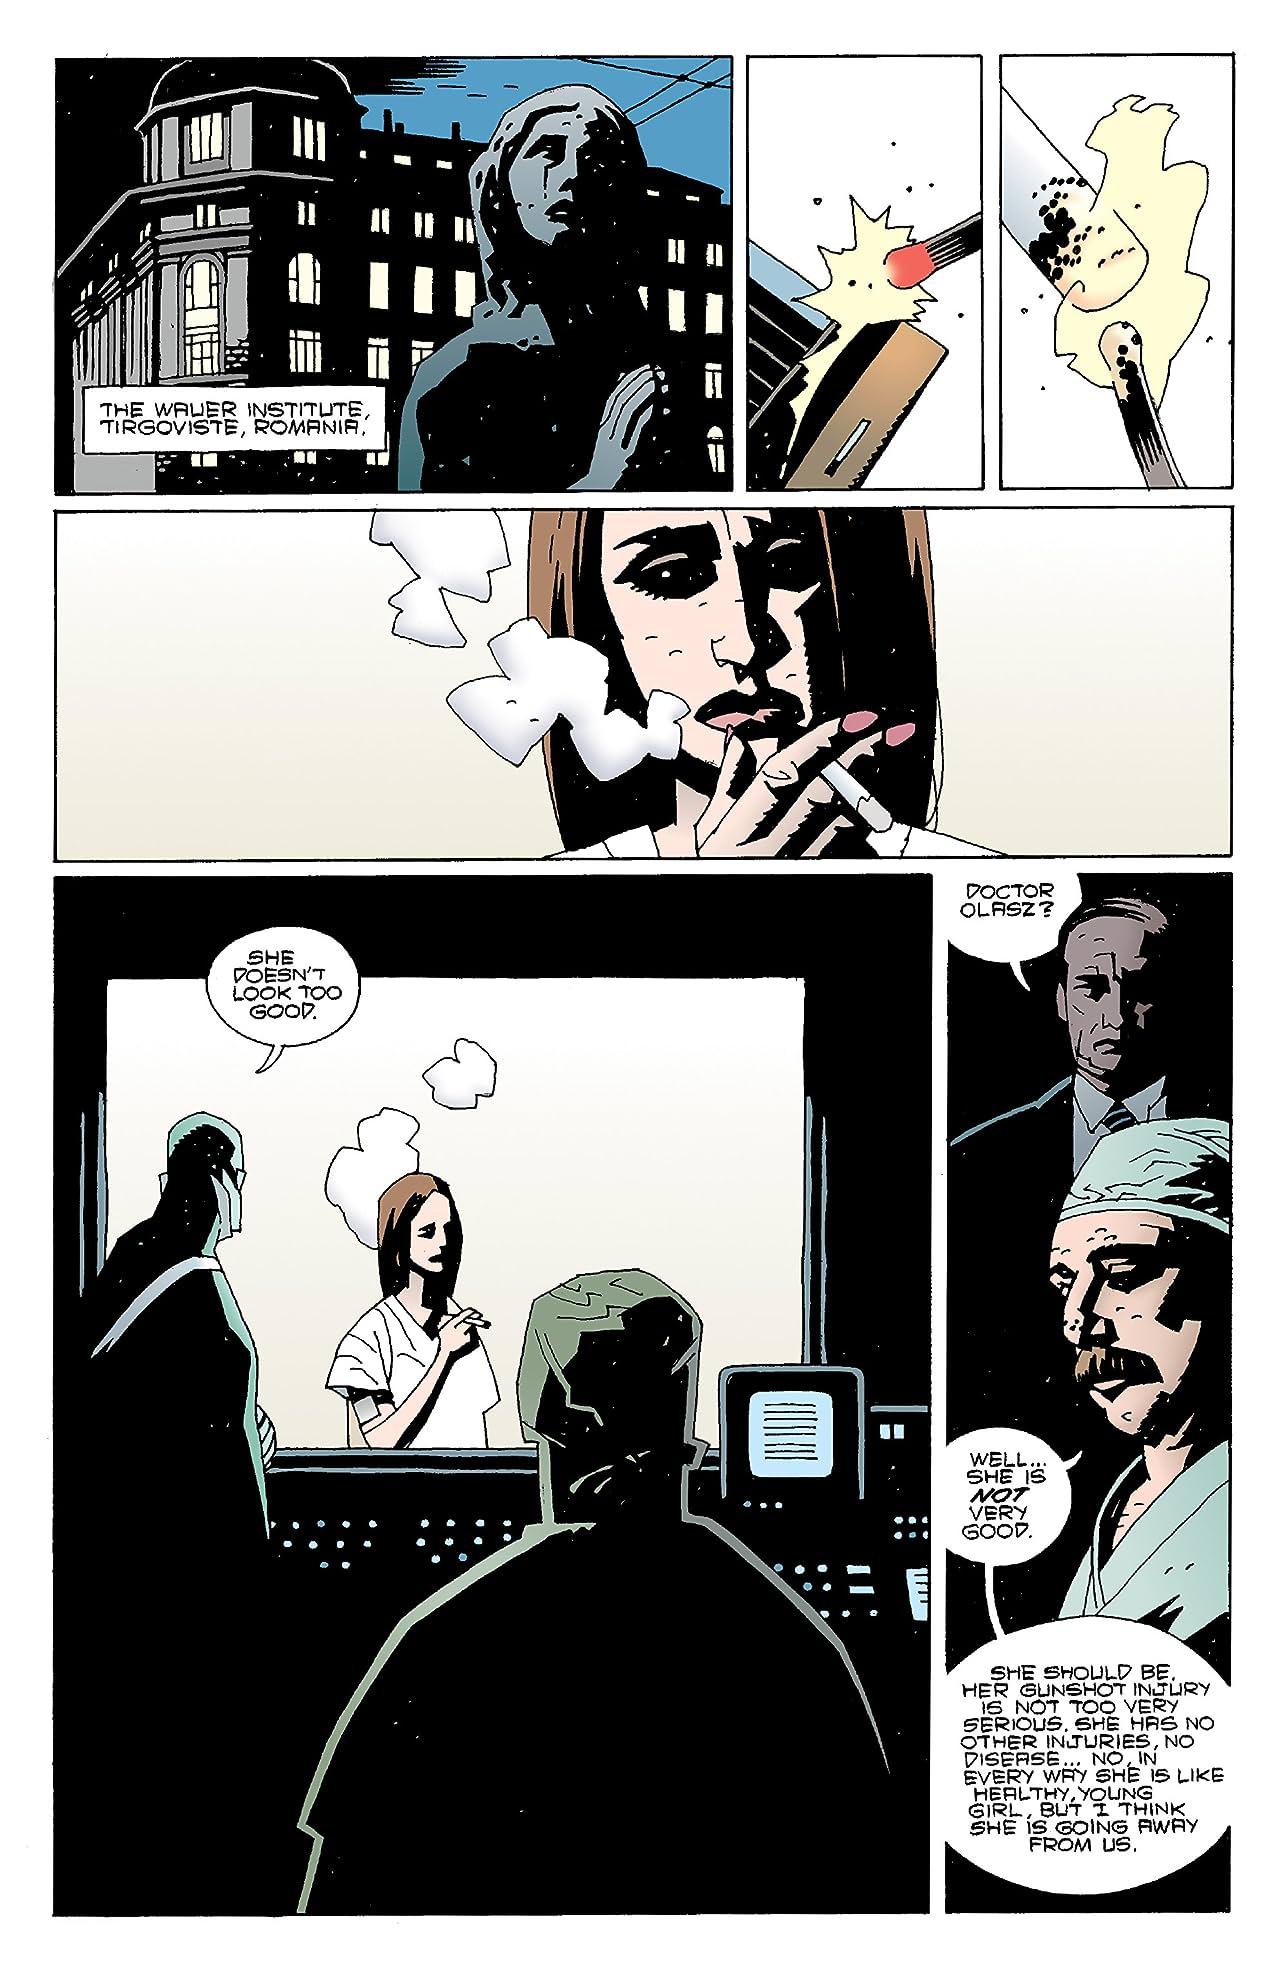 51 - Les comics que vous lisez en ce moment - Page 21 155e2325a37ae8976d0ad8e71f345ef1._SX1280_QL80_TTD_